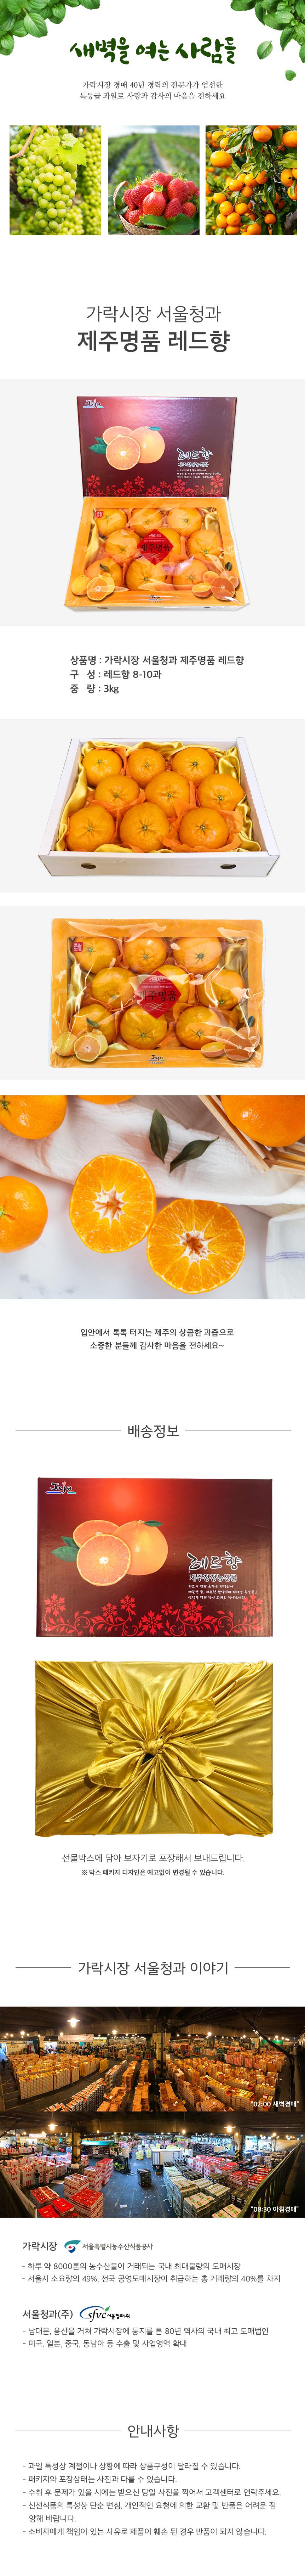 가락시장 서울청과 제주명품 레드향 세트 3kg